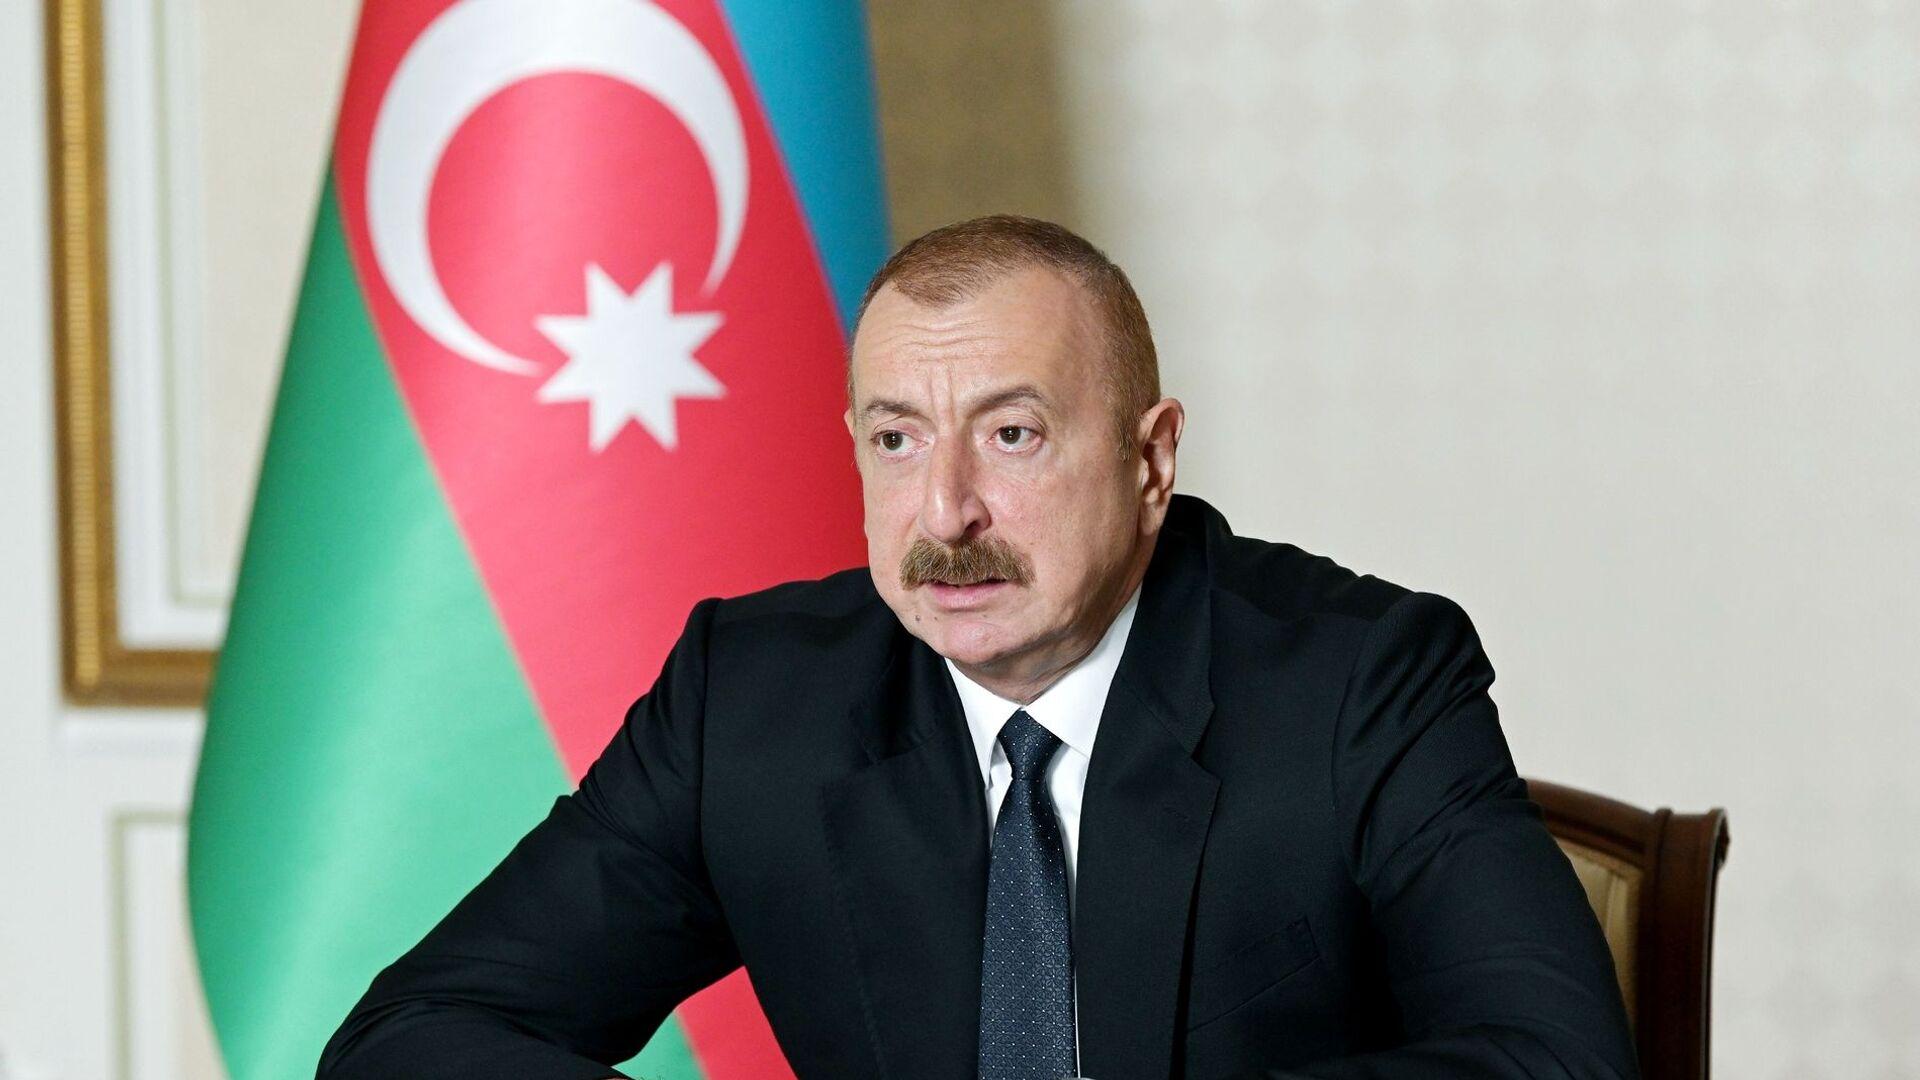 Ilham Aliyev, presidente de Azerbaiyán - Sputnik Mundo, 1920, 28.09.2021